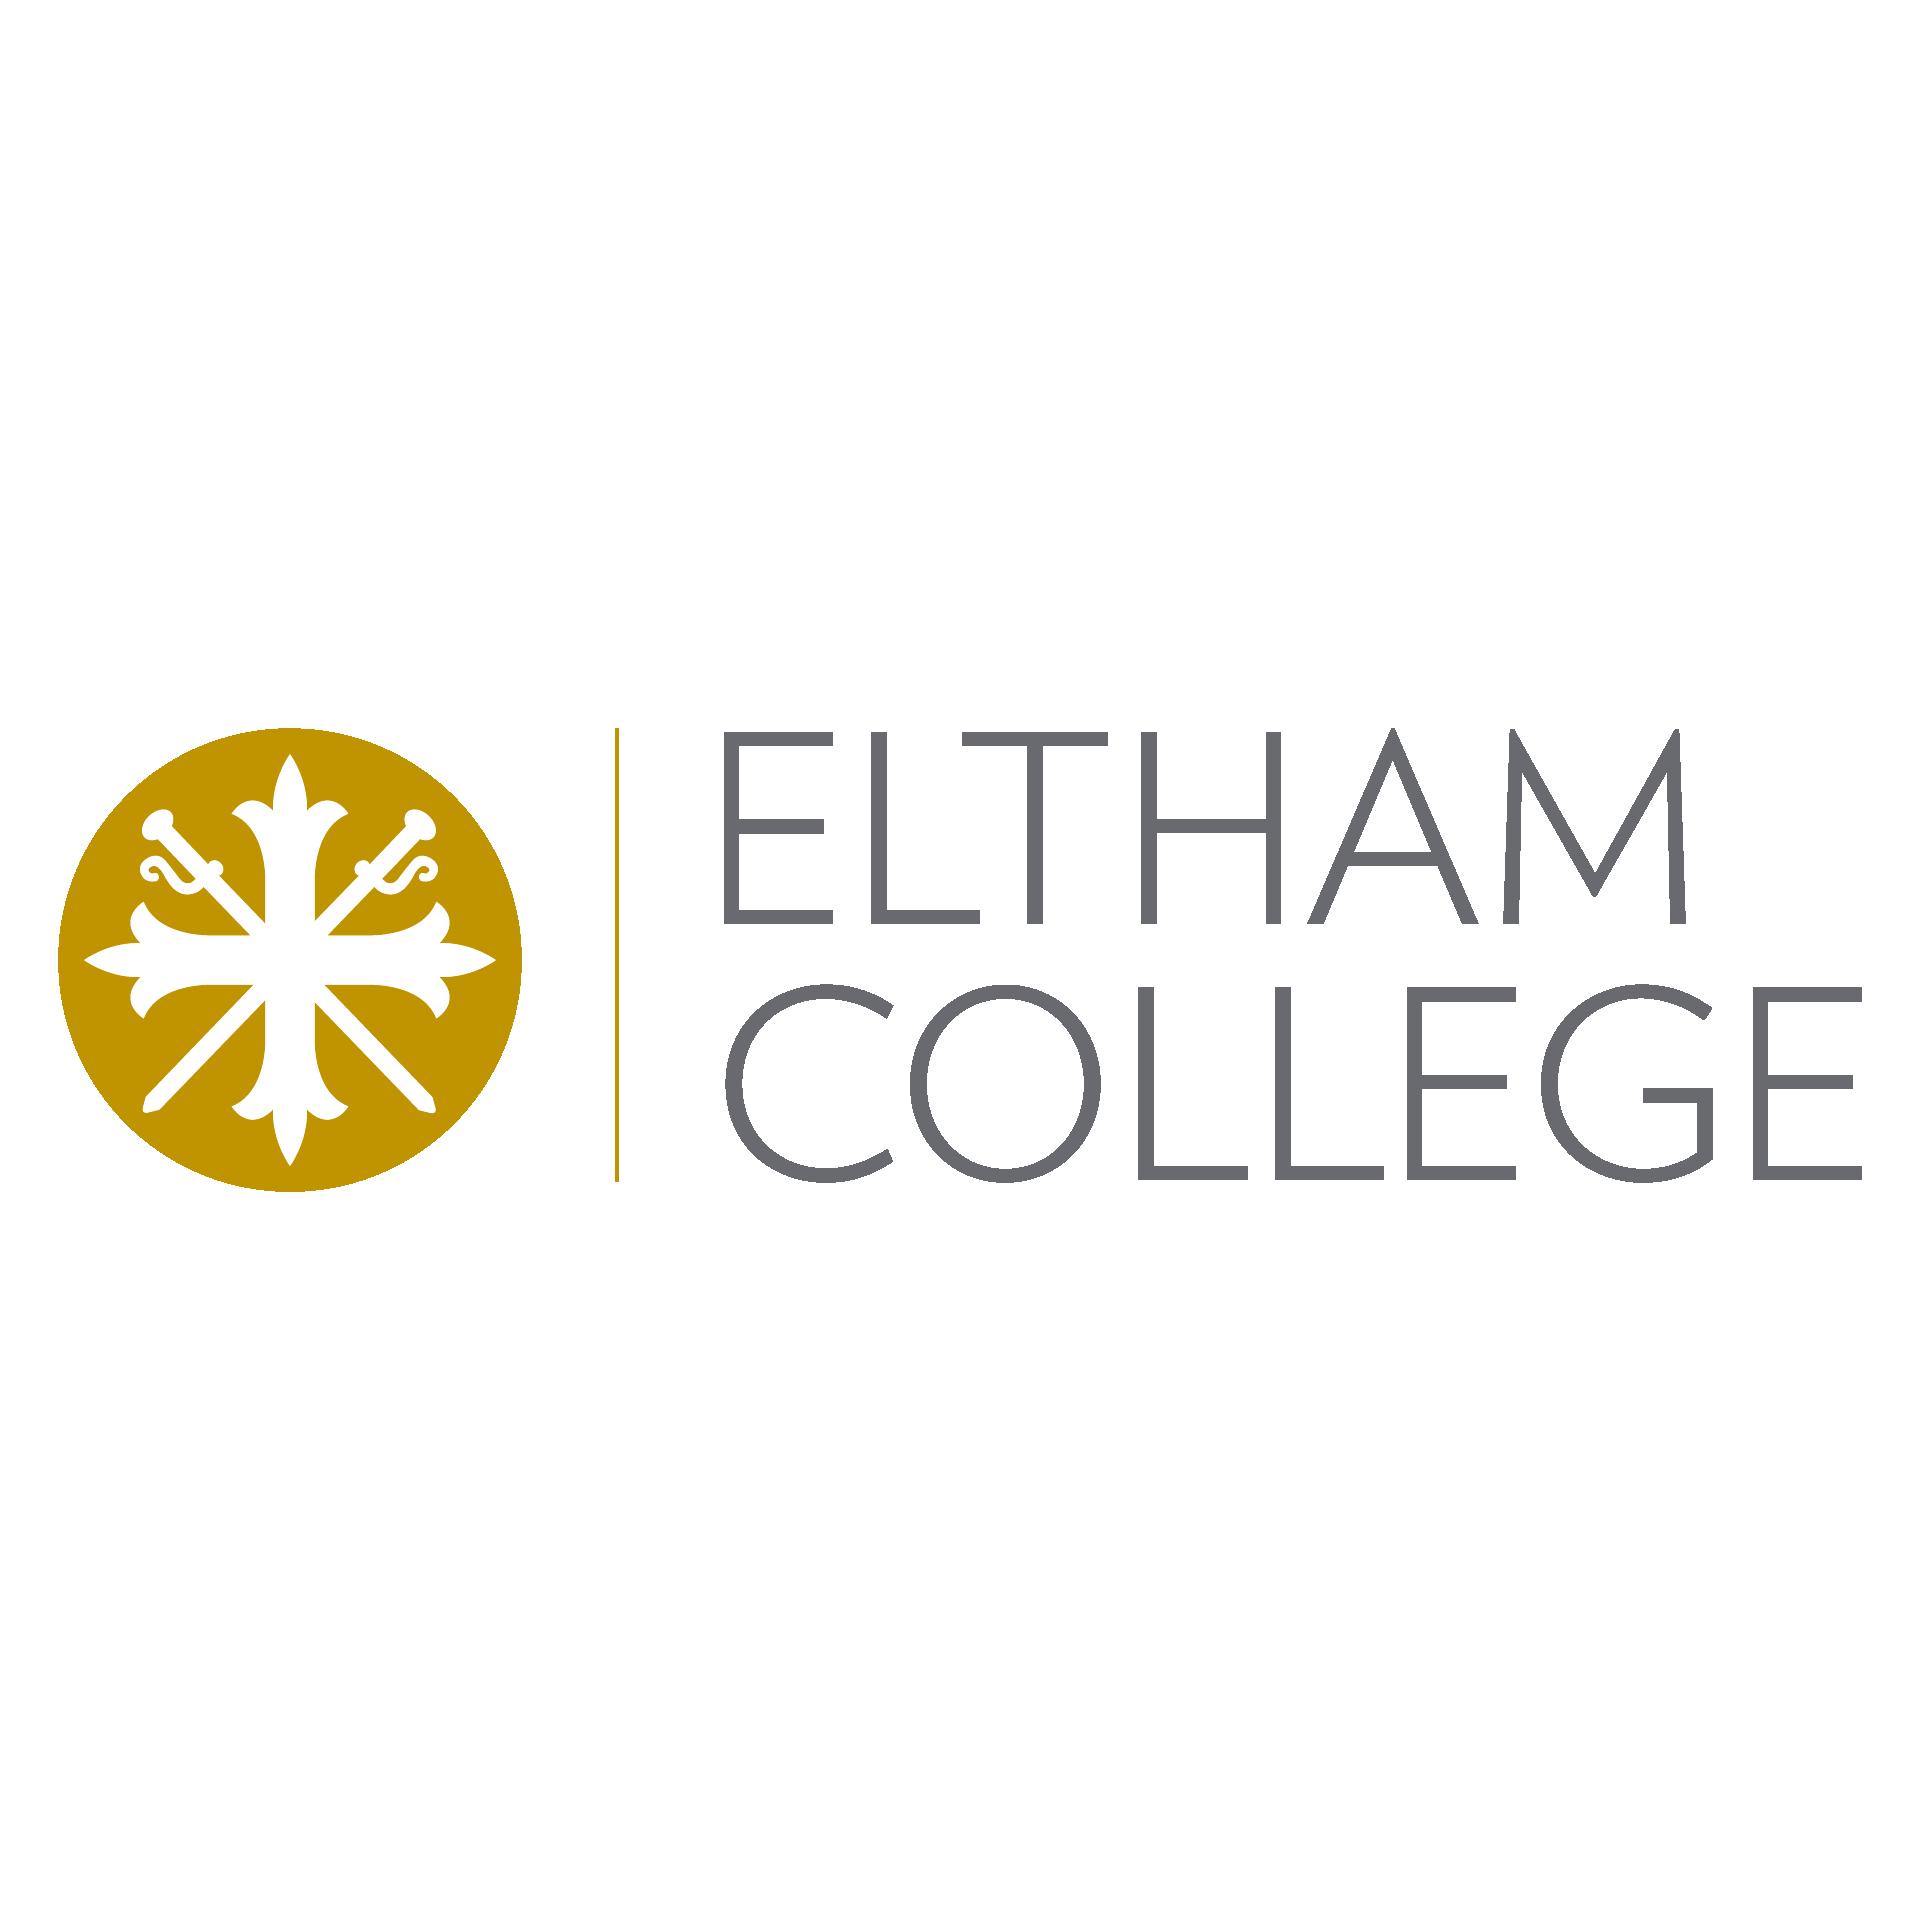 Eltham College-01